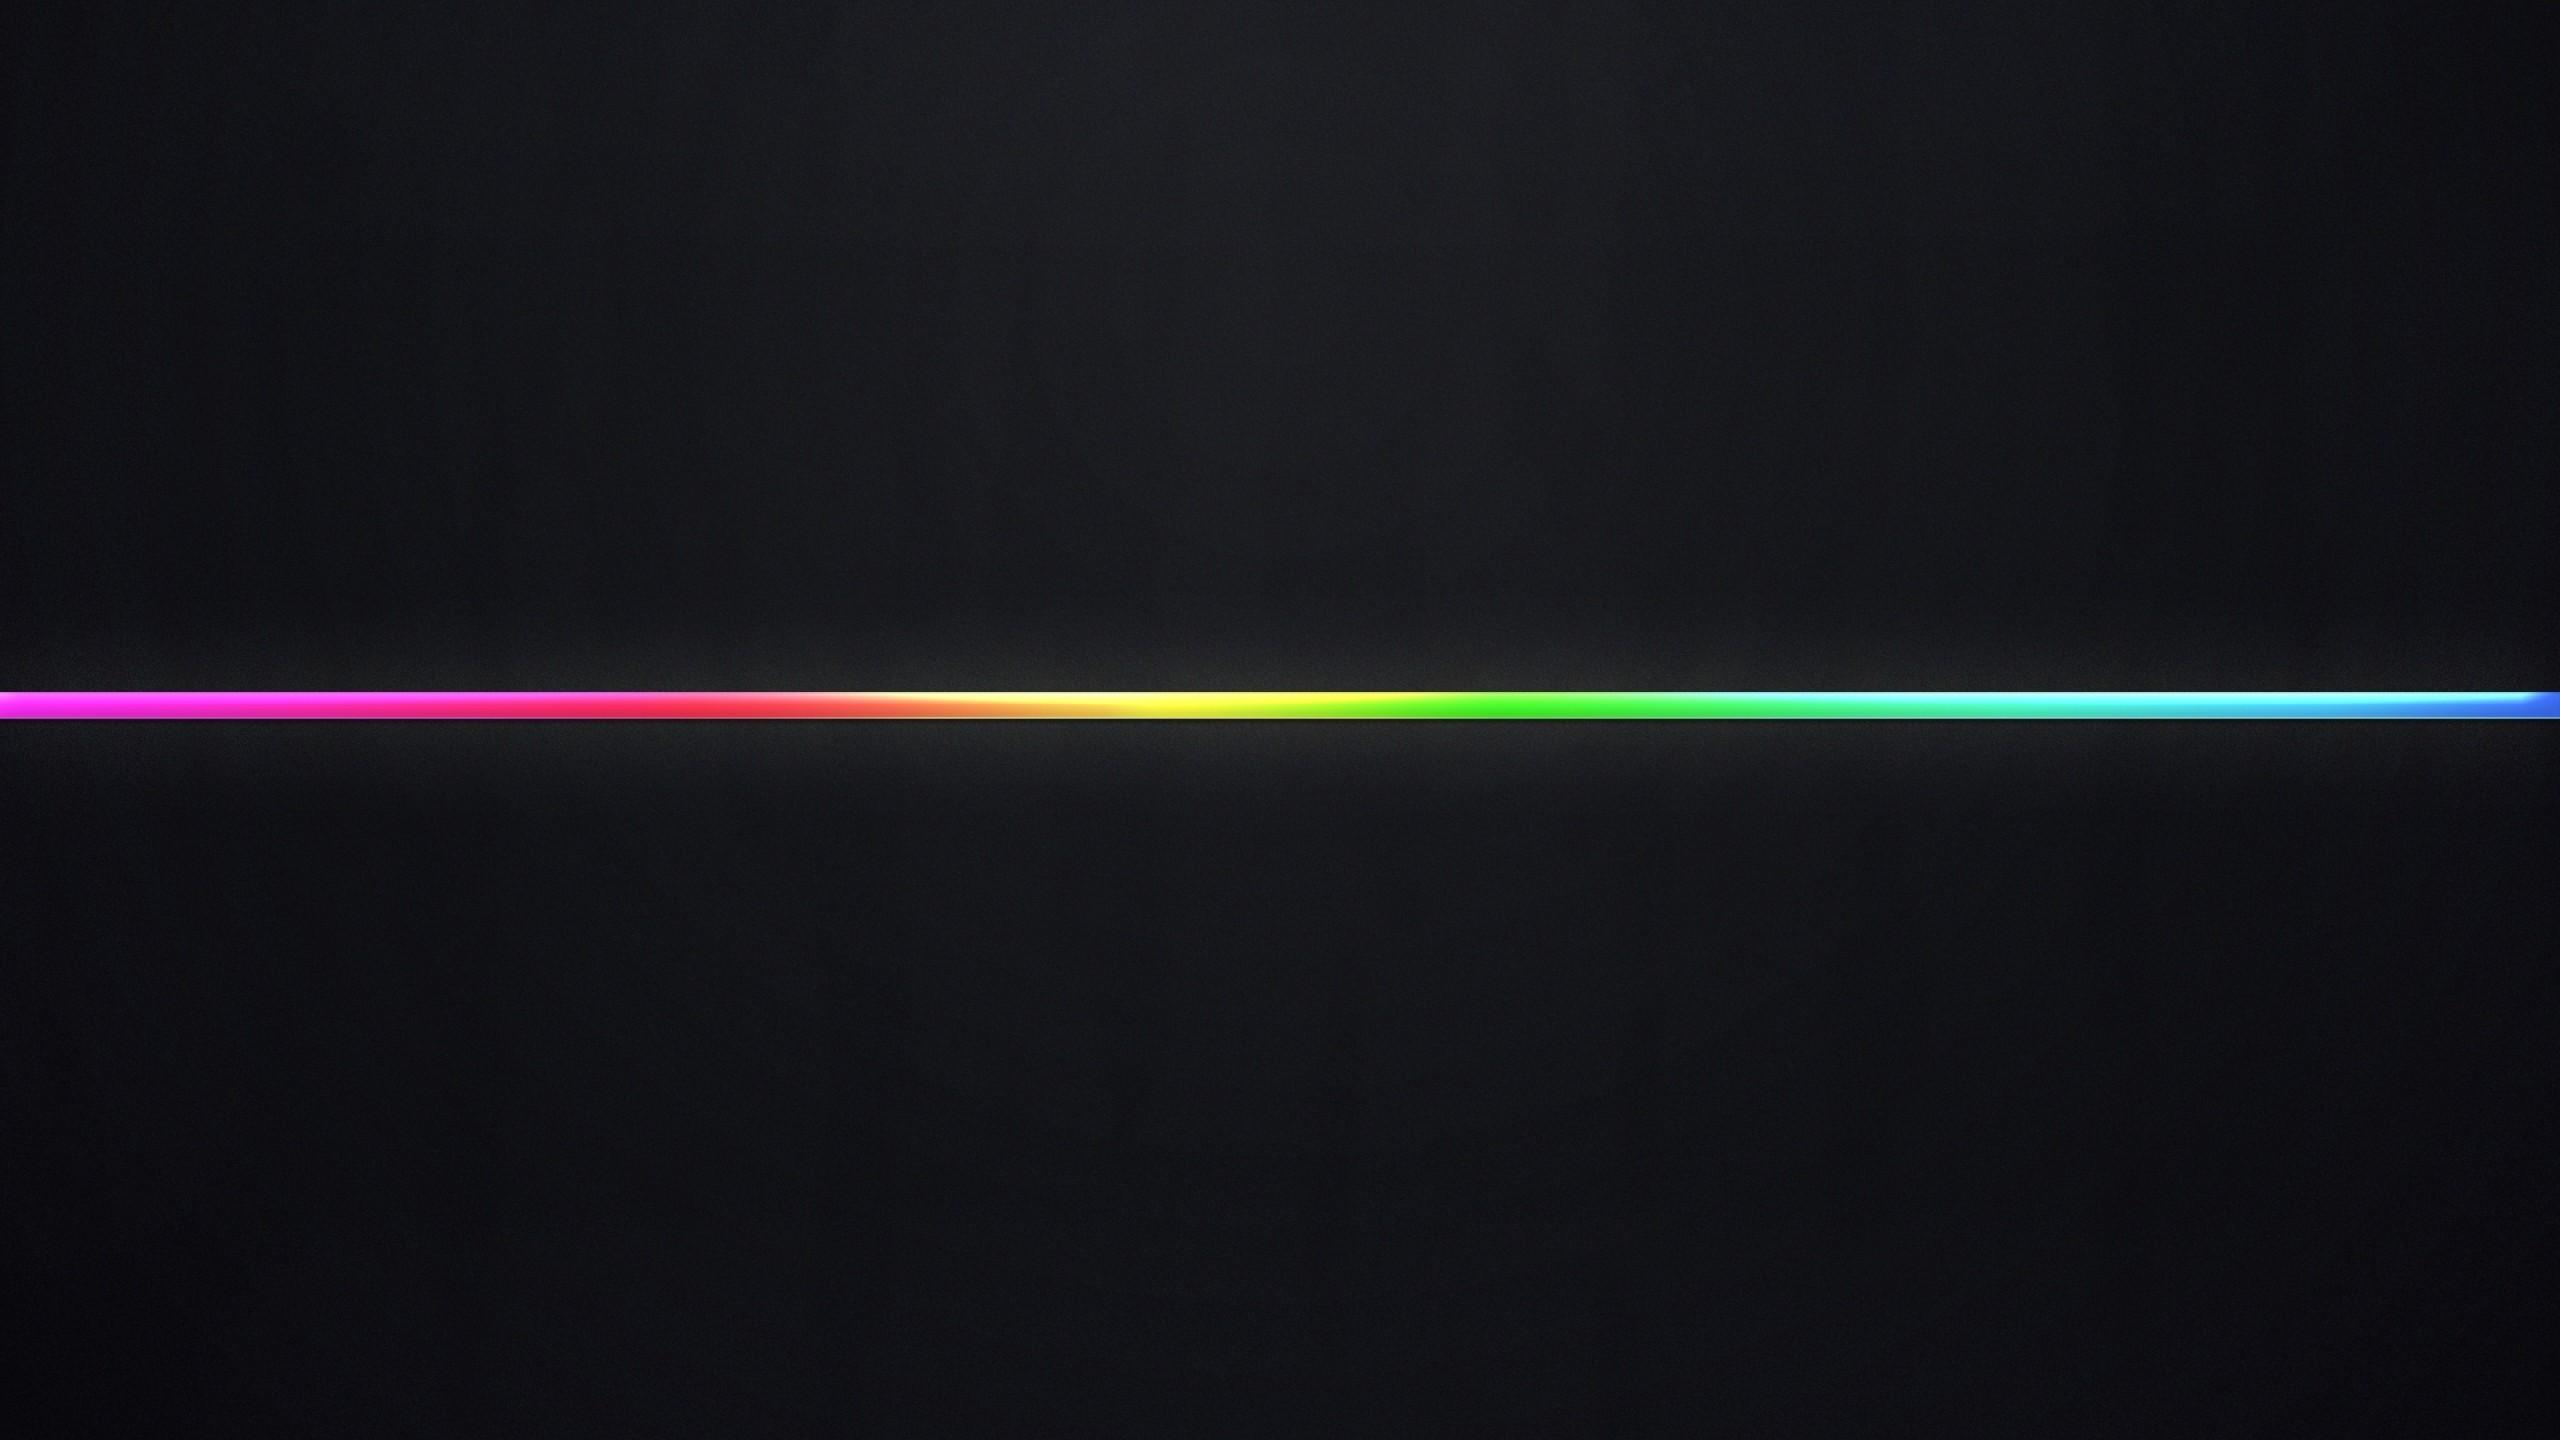 Download Wallpaper Line, Multi-colored, Black .